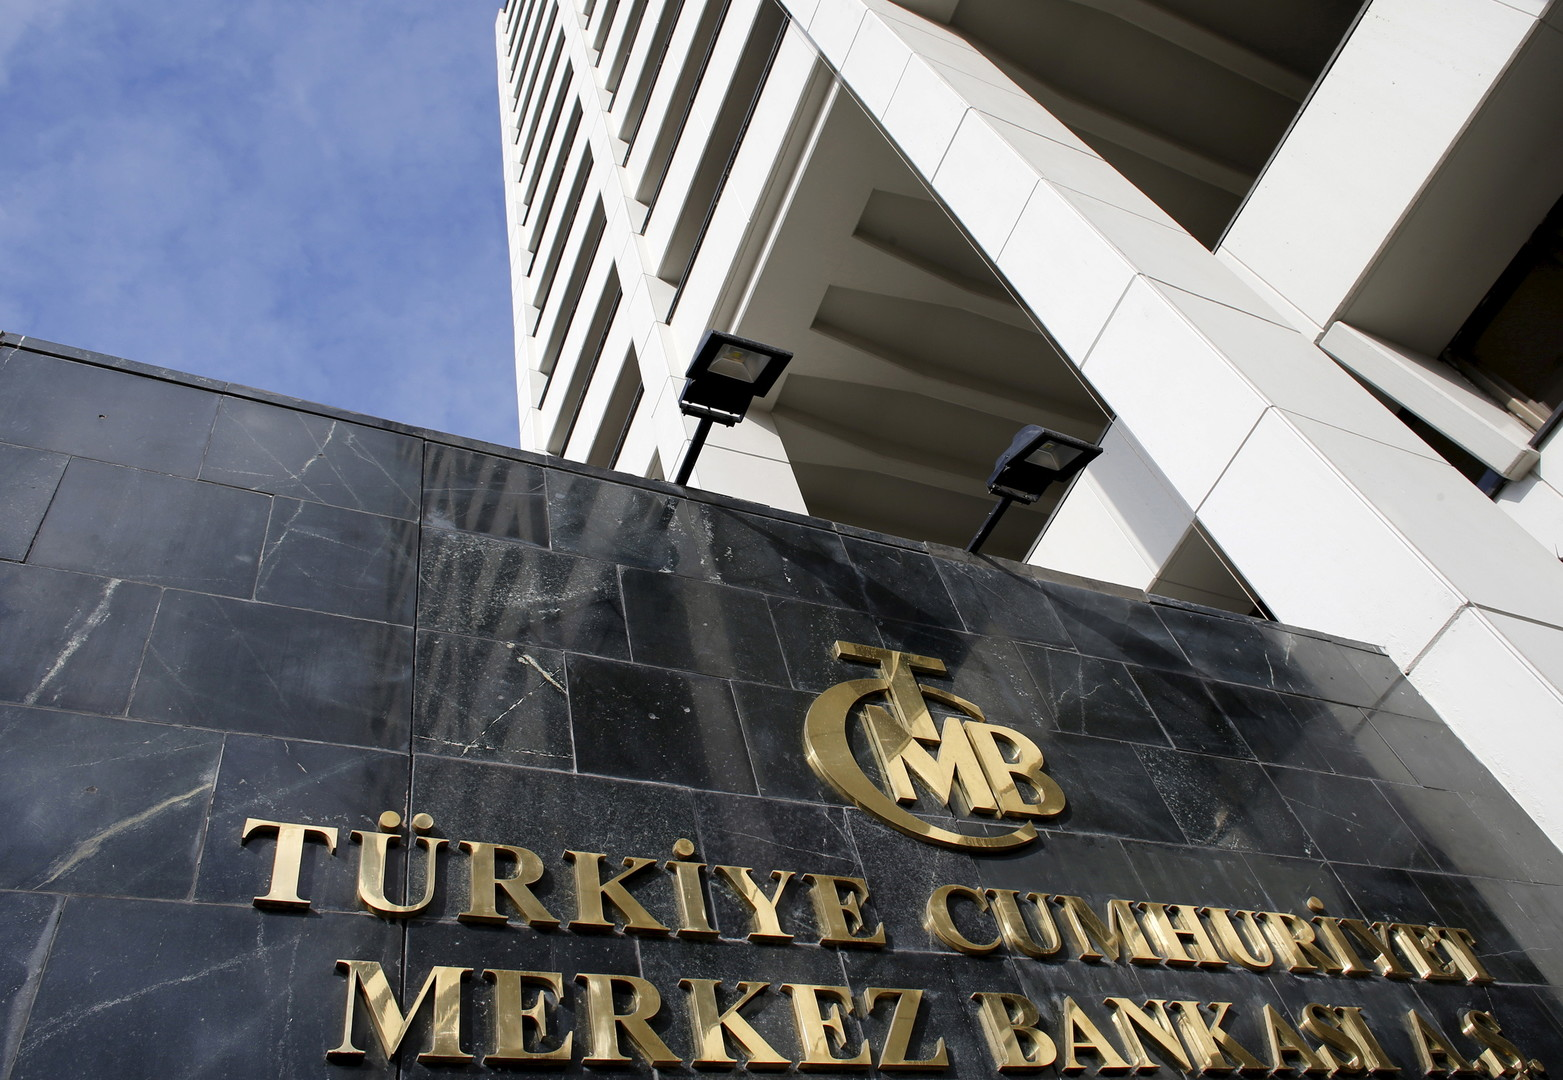 عجز الميزانية يدفع أنقرة للجوء إلى مدخراتها